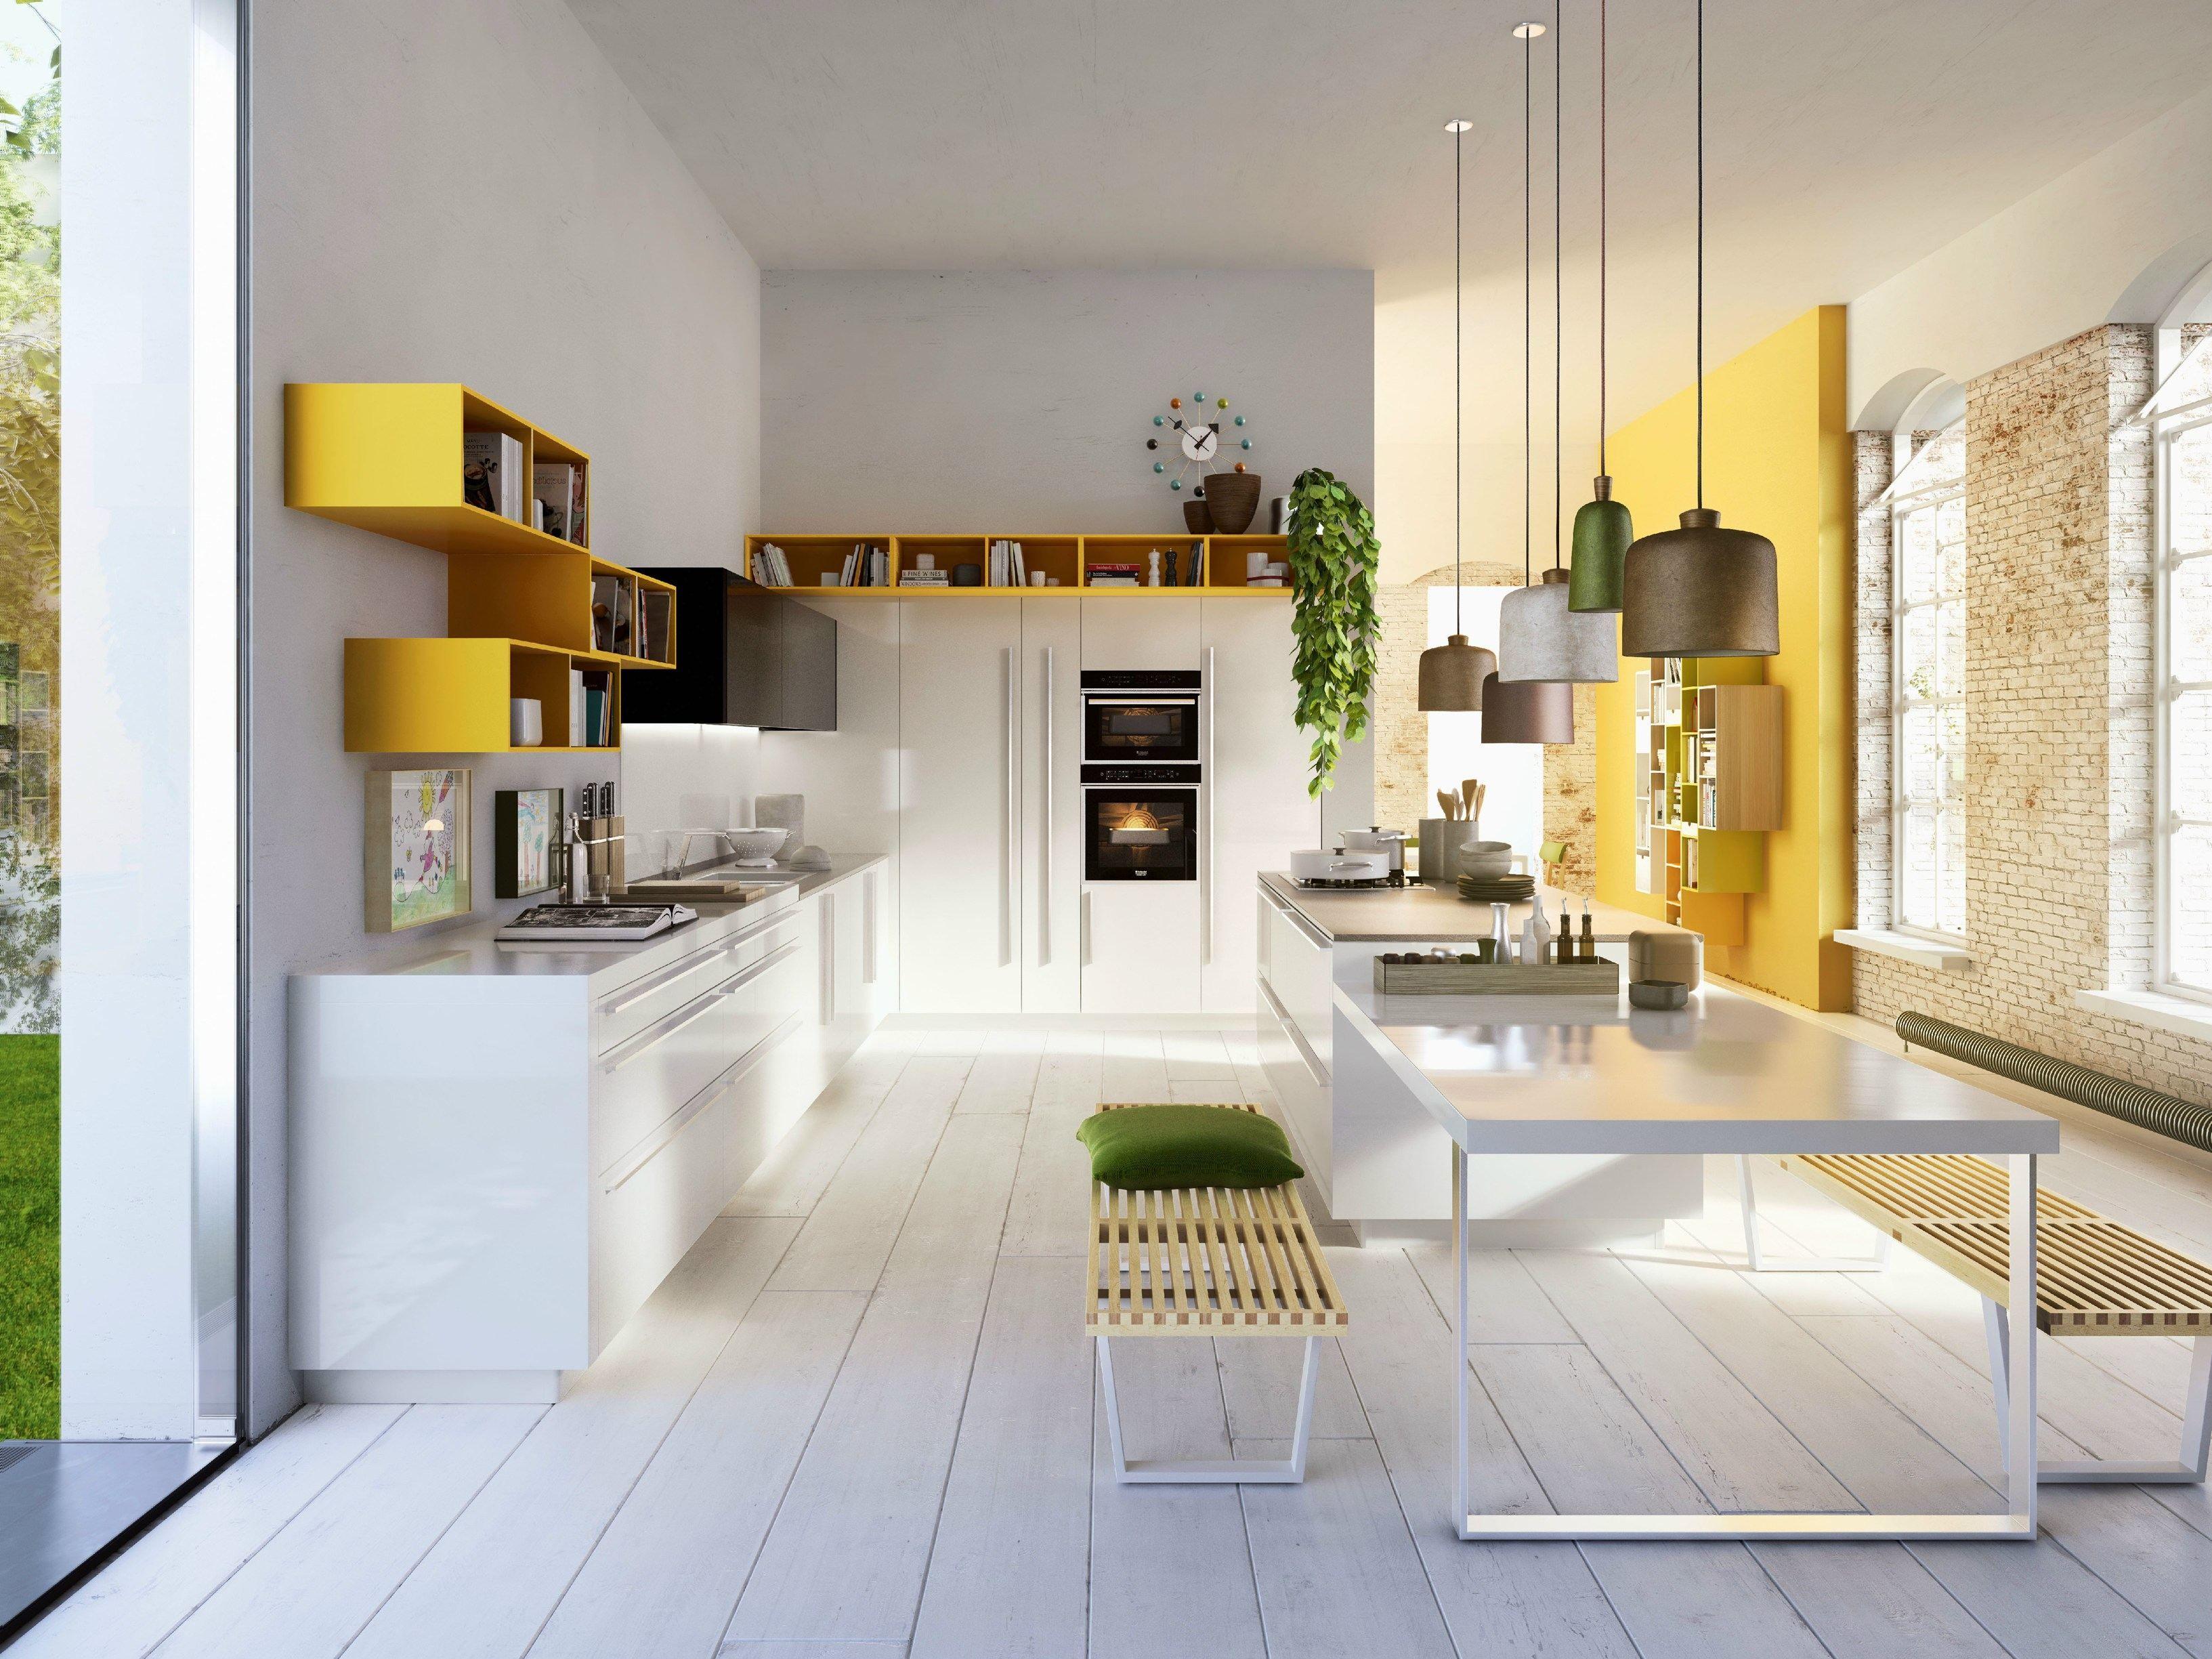 Cuisine int gr e code by snaidero design snaidero design - Colore muri cucina ...